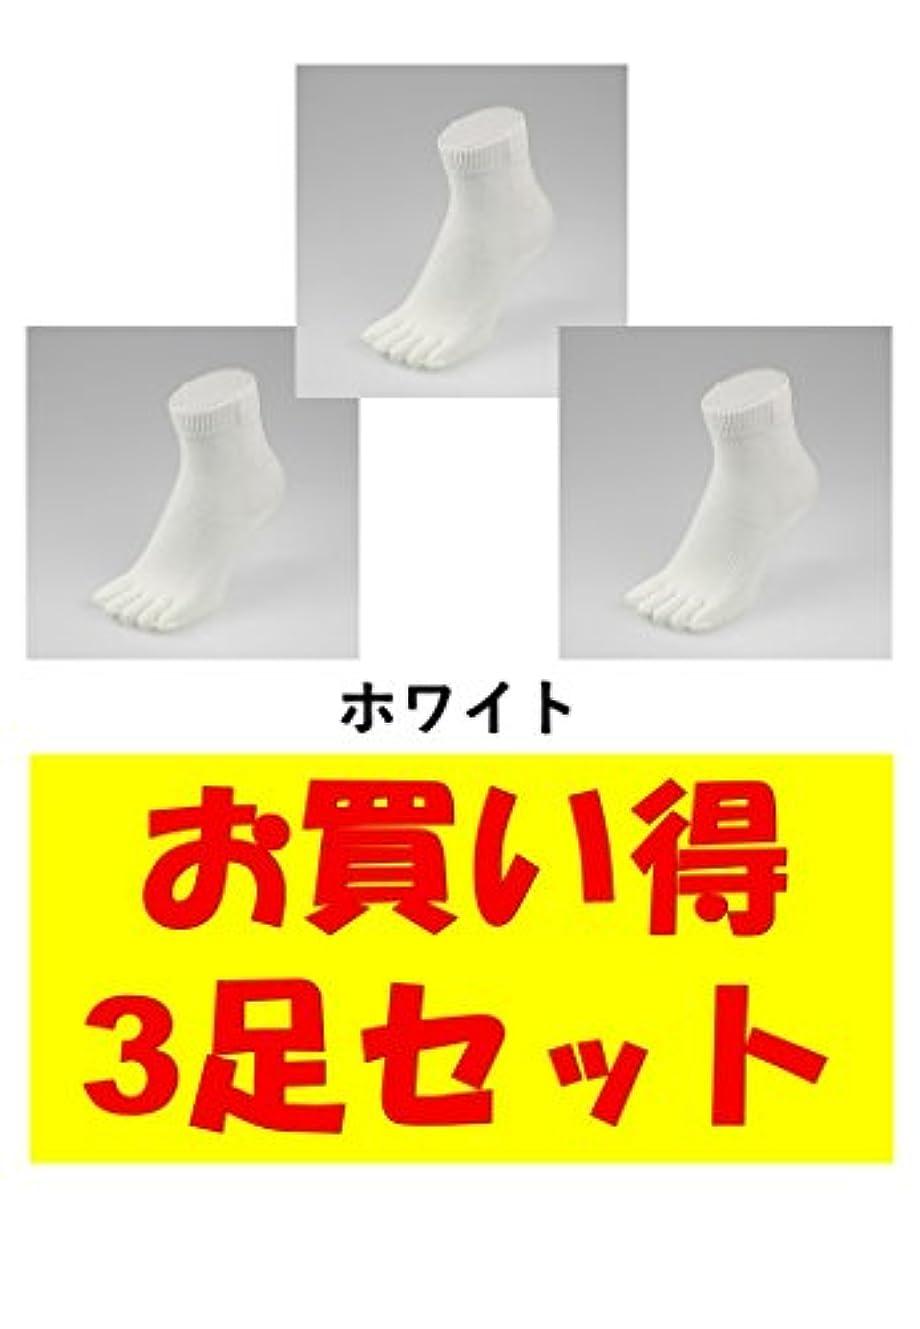 憂慮すべき関数良性お買い得3足セット 5本指 ゆびのばソックス Neo EVE(イヴ) ホワイト Sサイズ(21.0cm - 24.0cm) YSNEVE-WHT